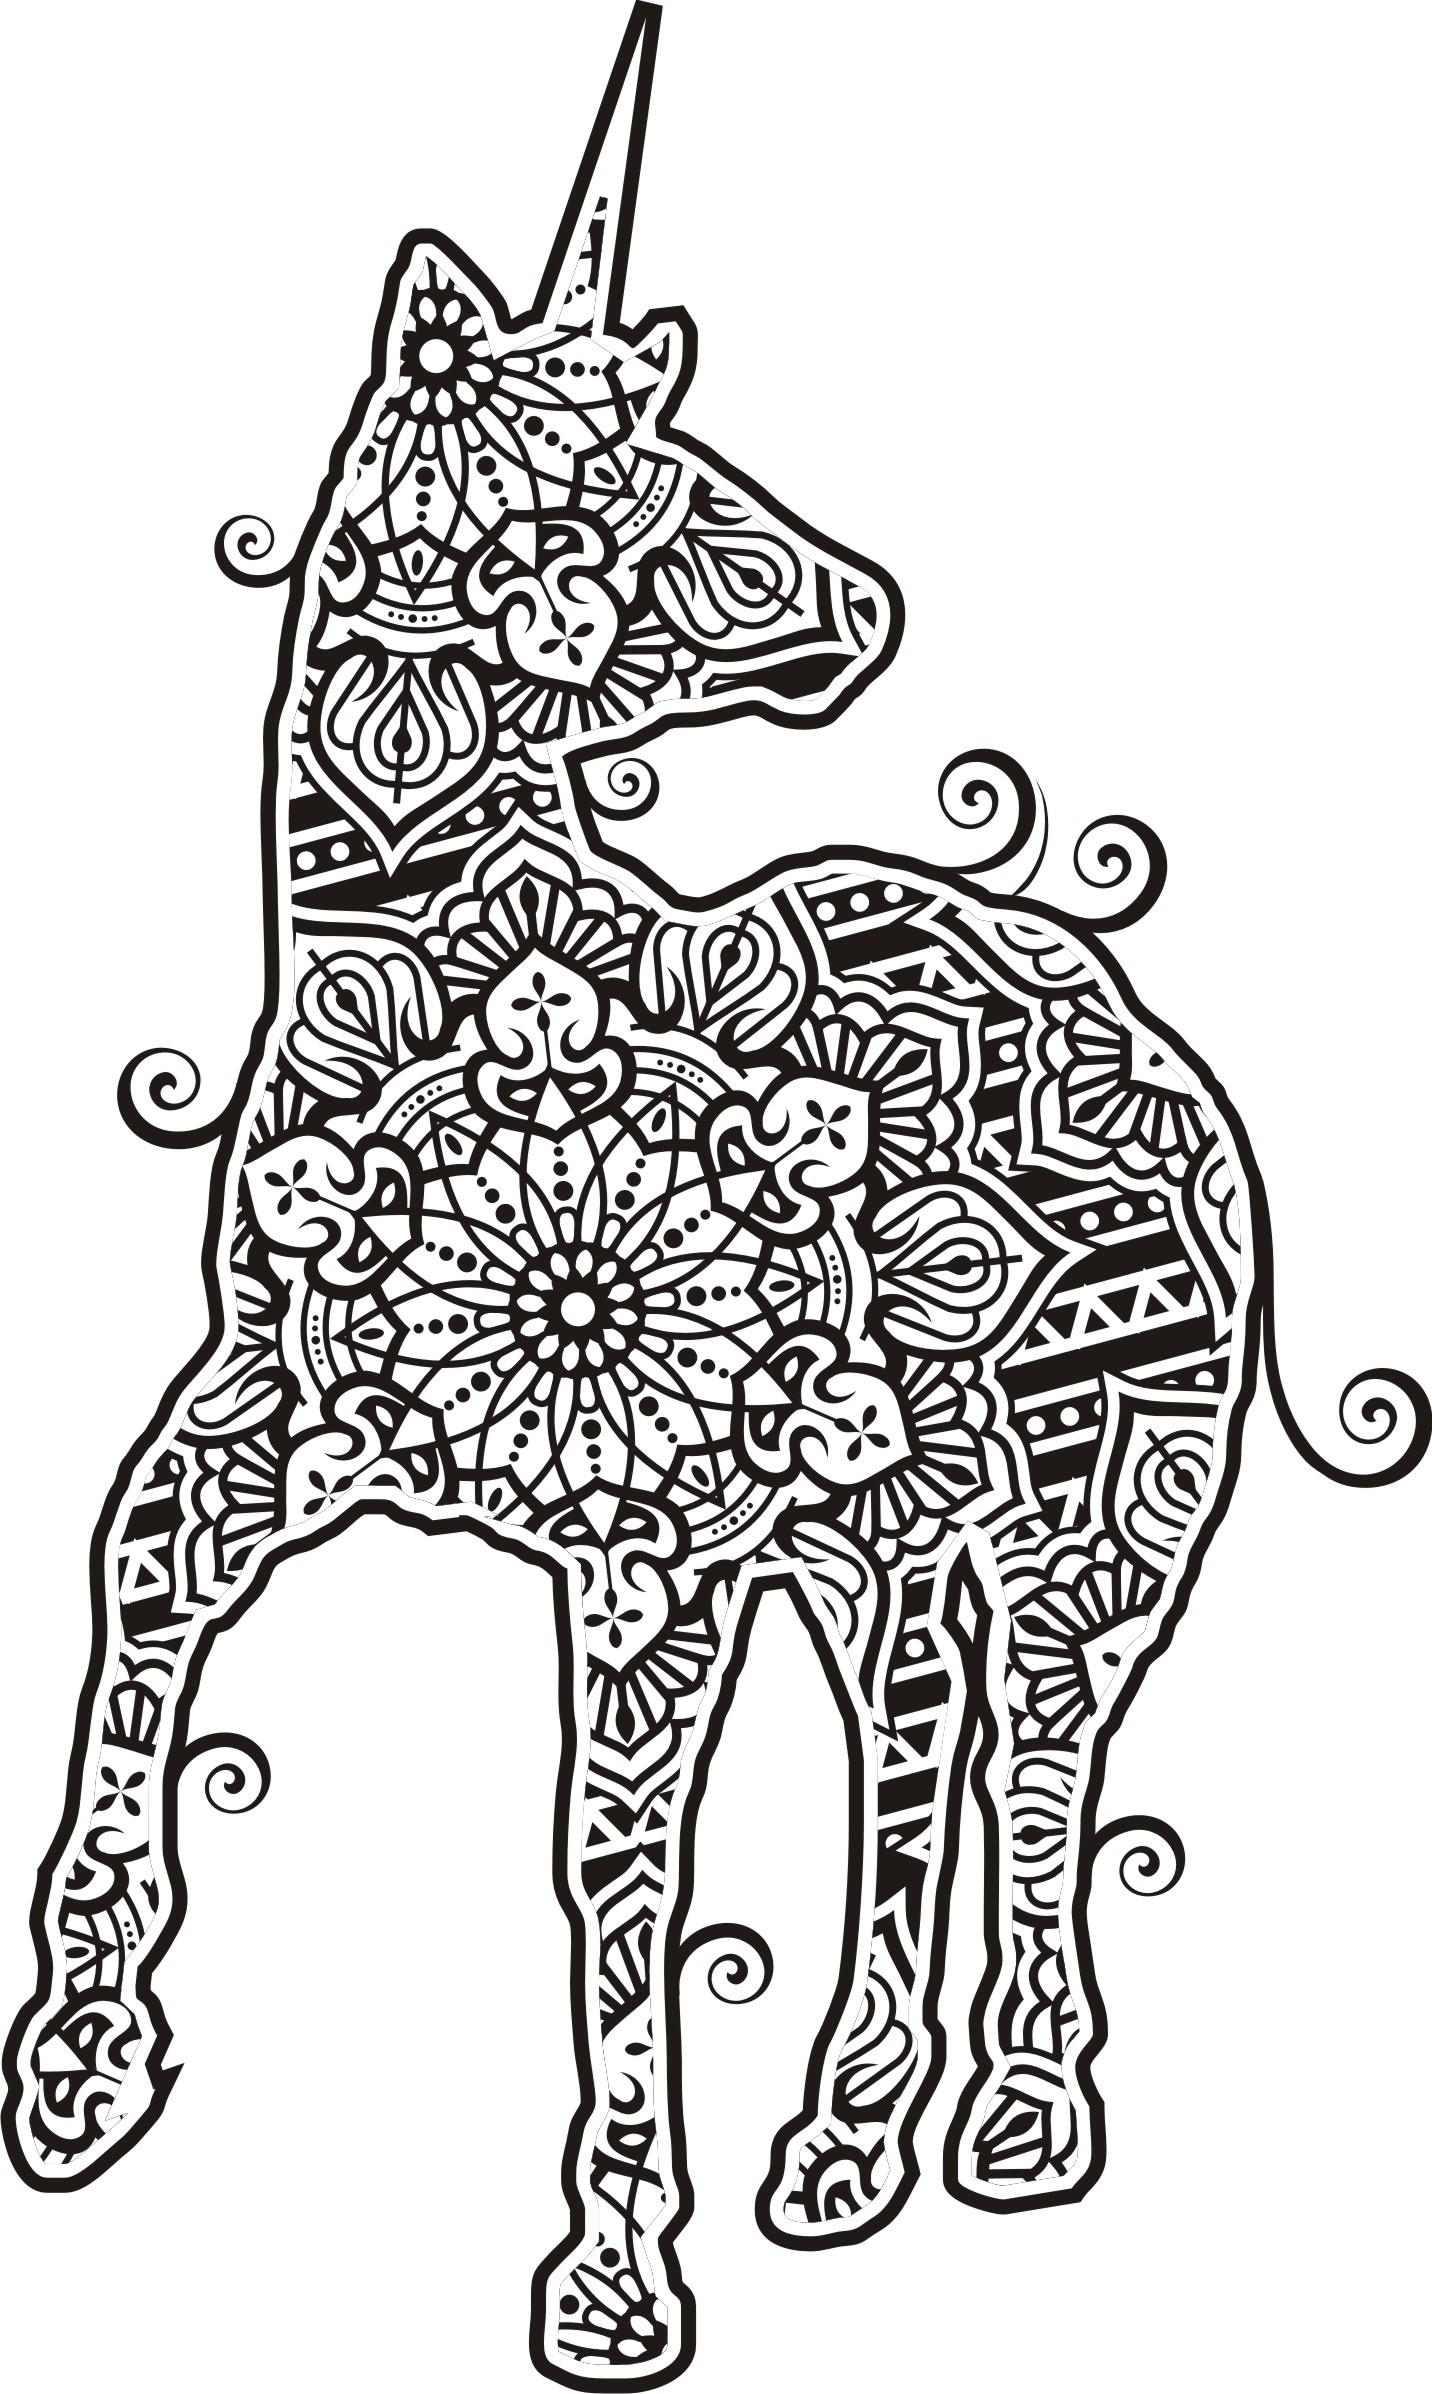 Einhorn im Mandala Line Art Style 23 Vektor Kunst bei Vecteezy